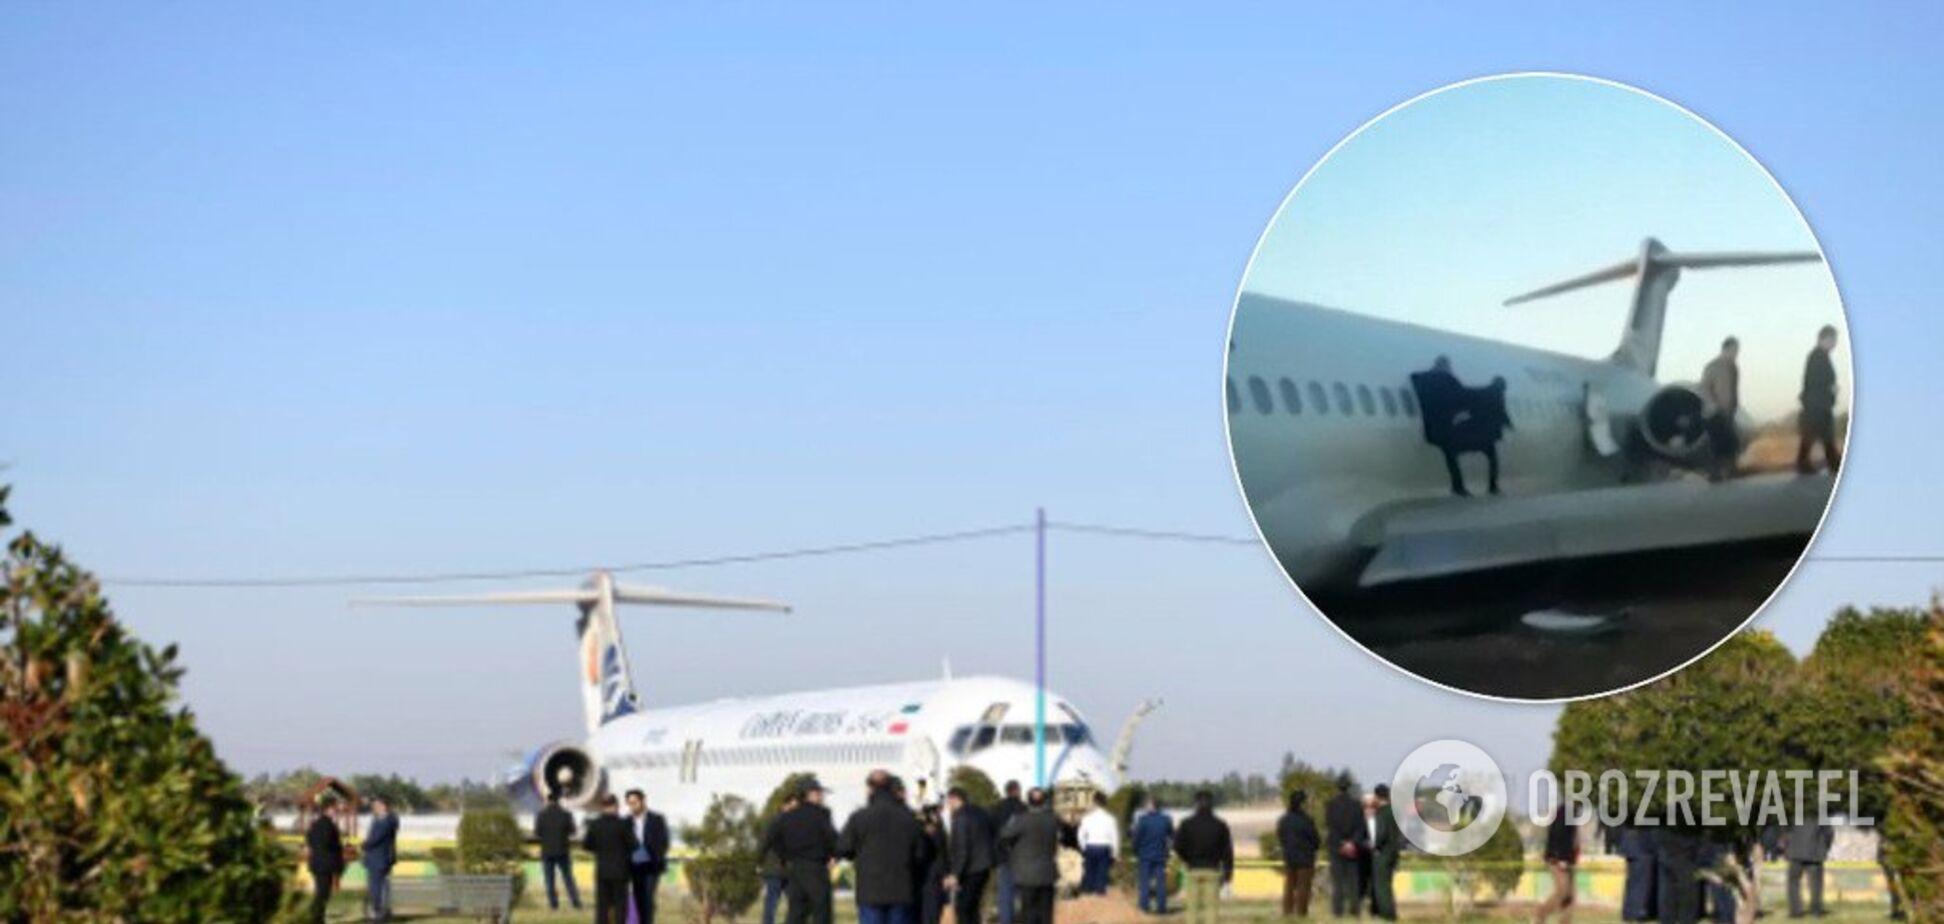 Паніка і молитви: з'явилося відео евакуації з літака, що потрапив у НП в Ірані